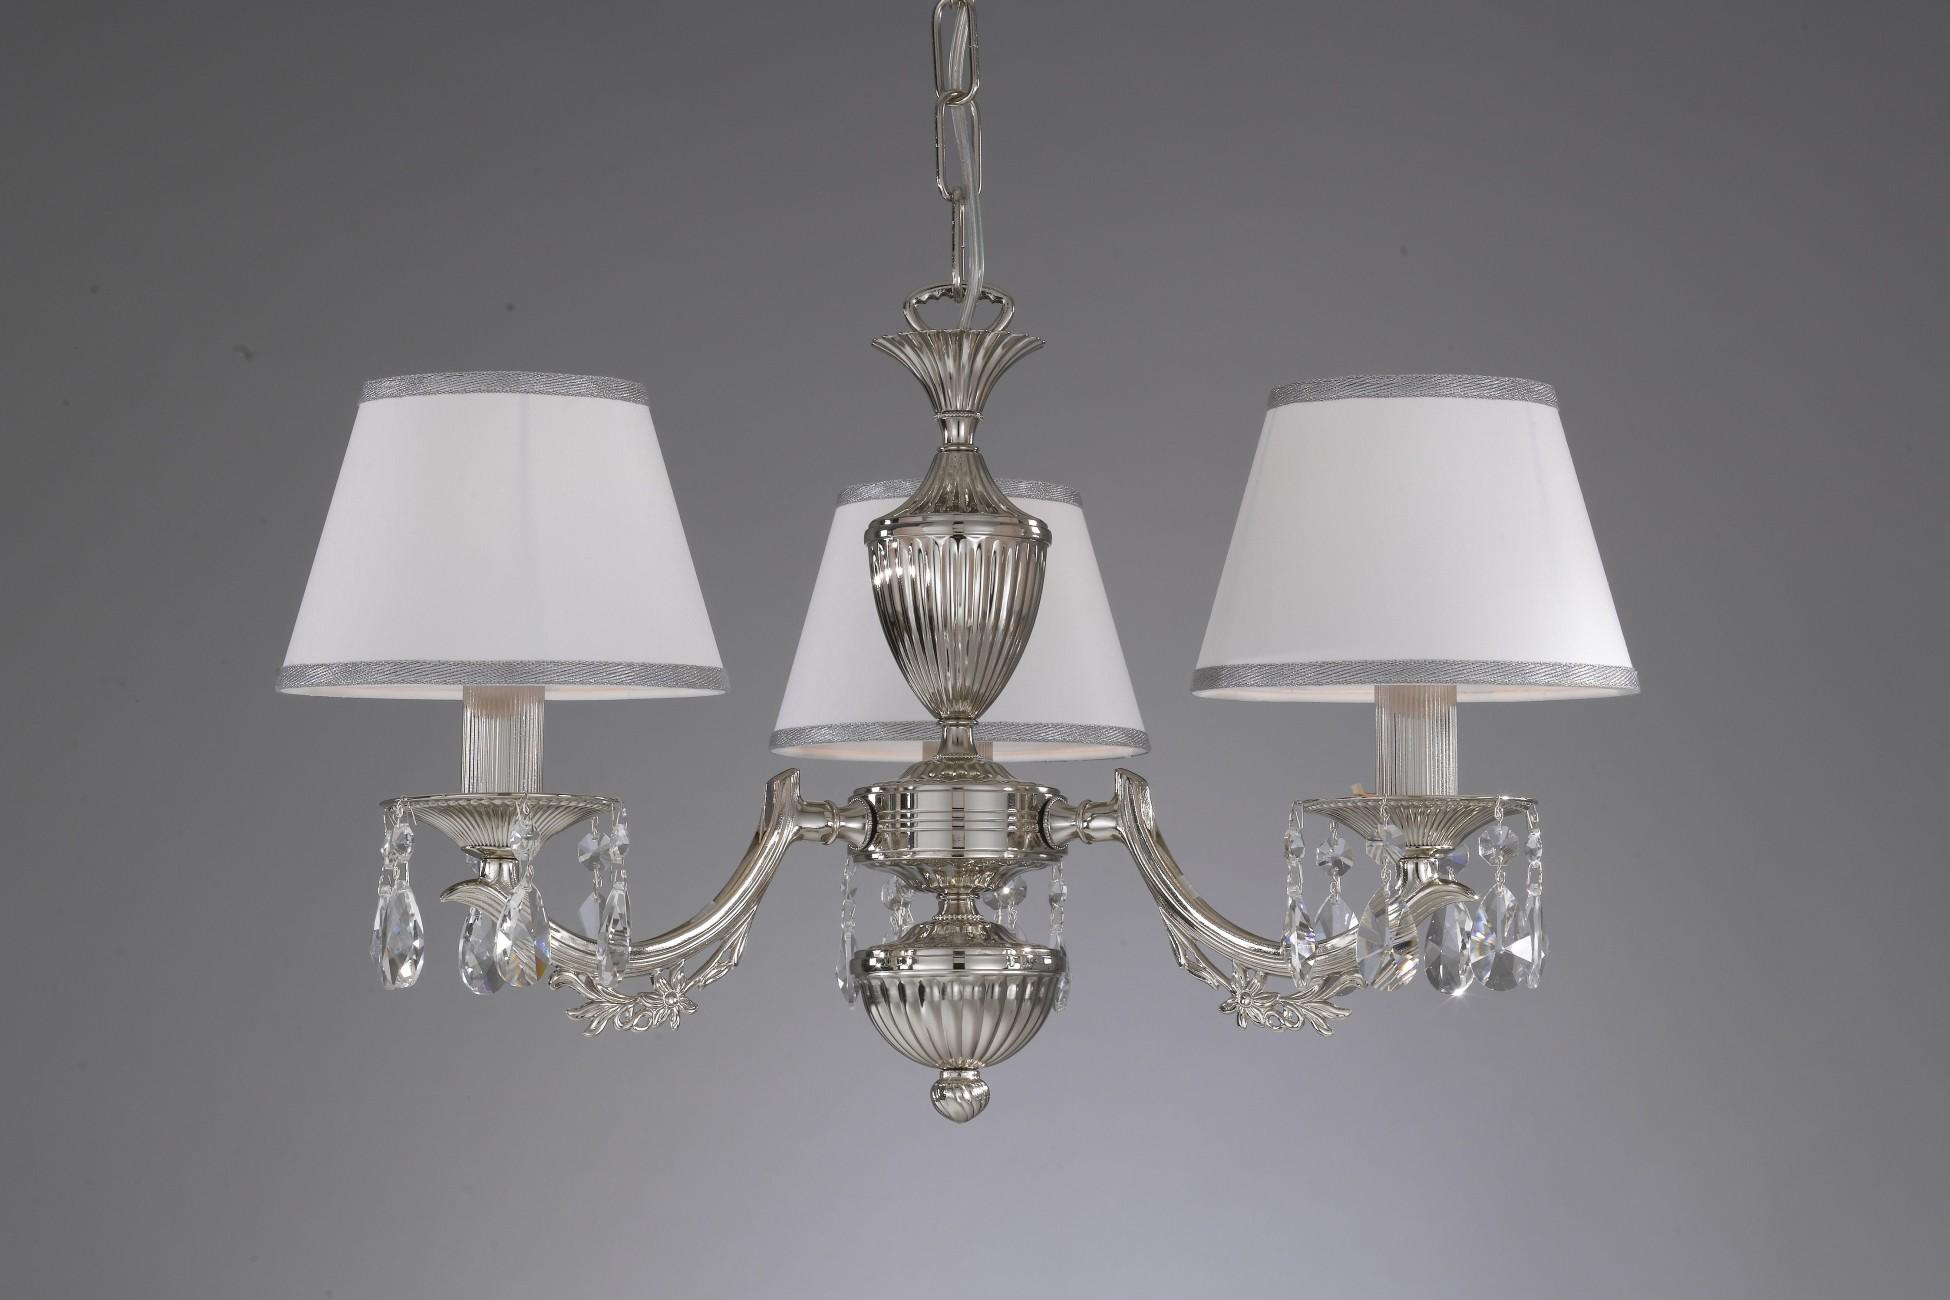 Kronleuchter Mit Lampenschirm ~ Kronleuchter aus nikel farbe mit weiss lampenschirm reccagni store